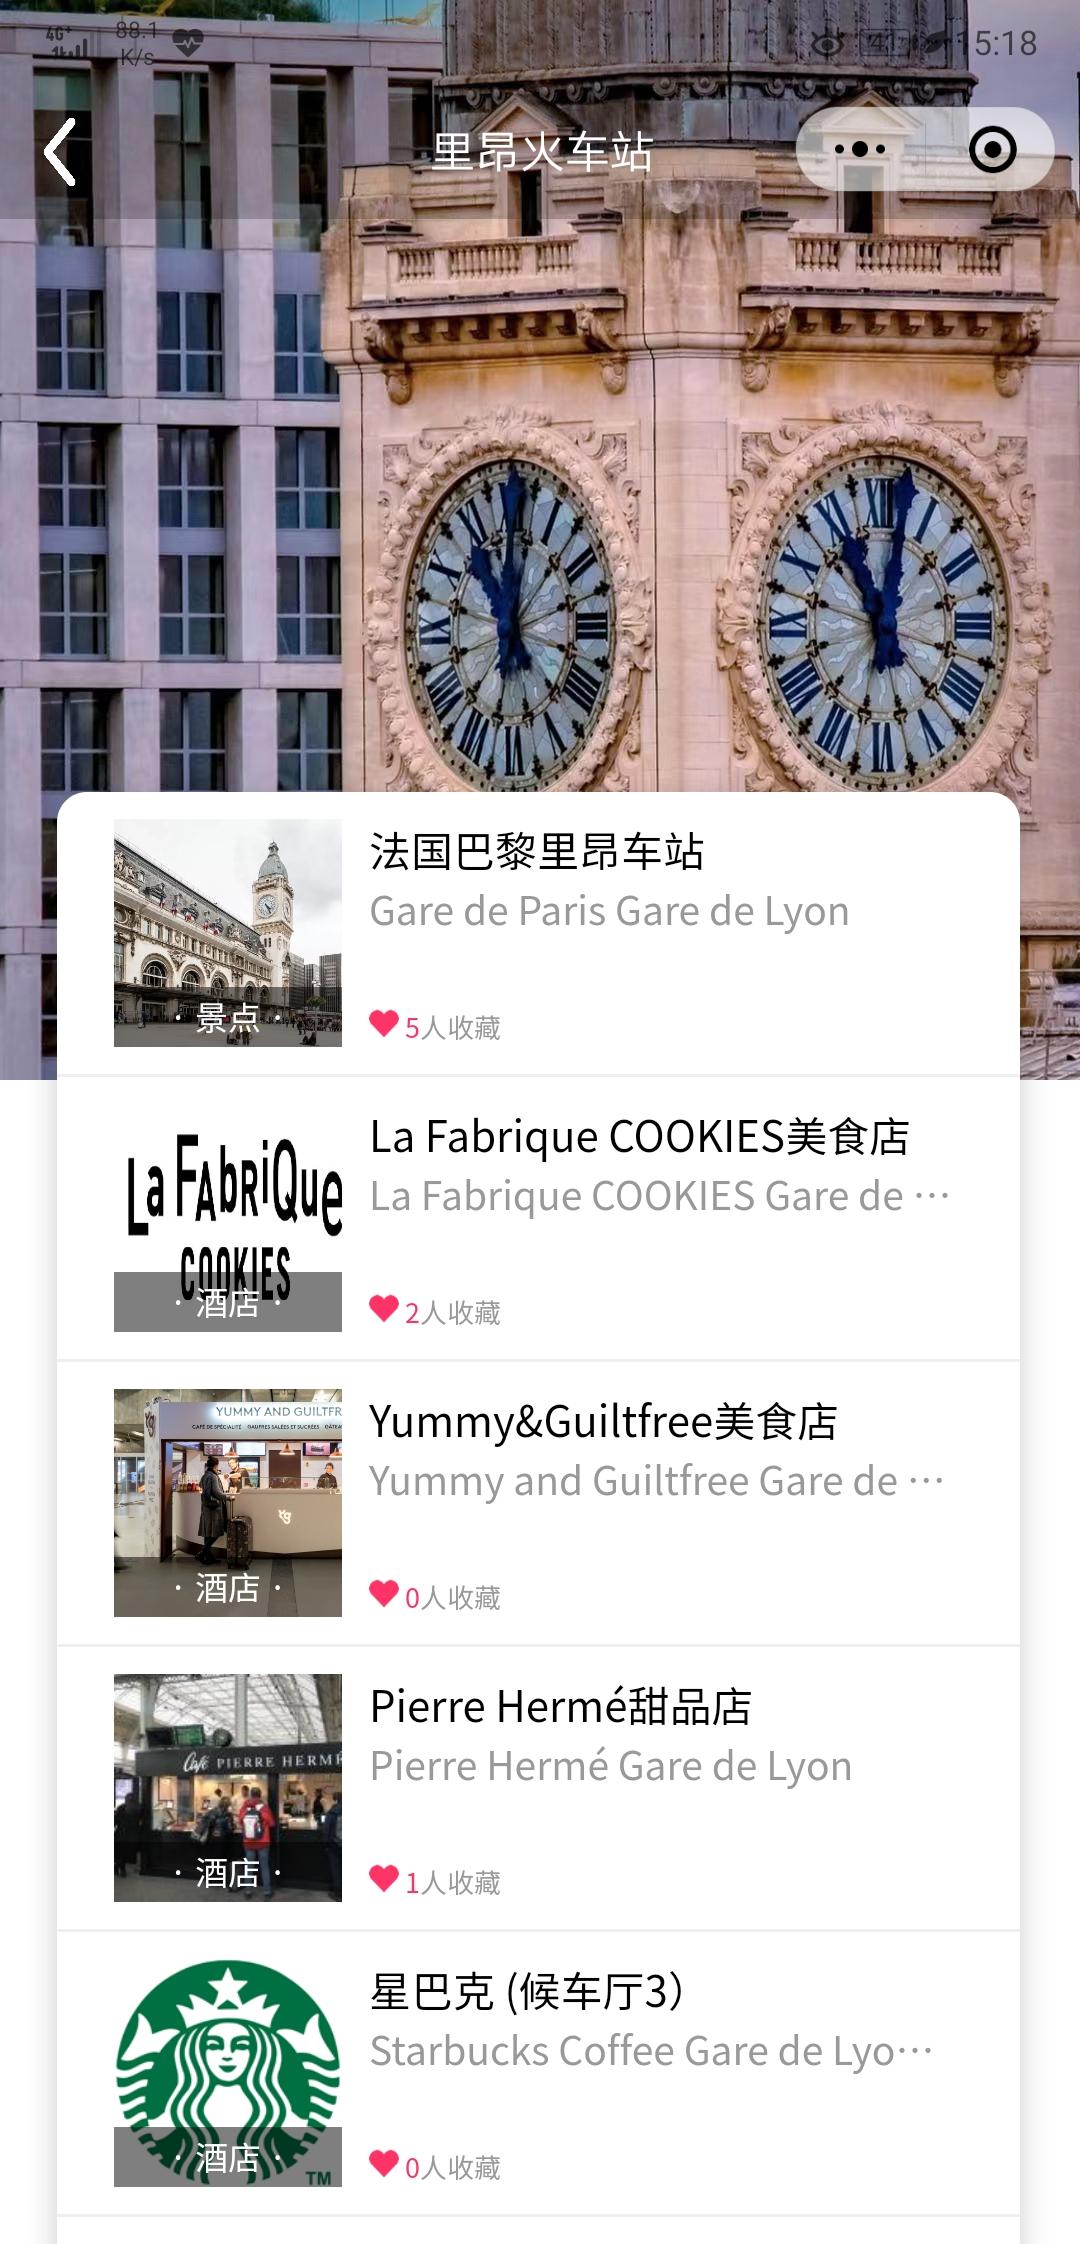 Hospitality Gare de Lyon